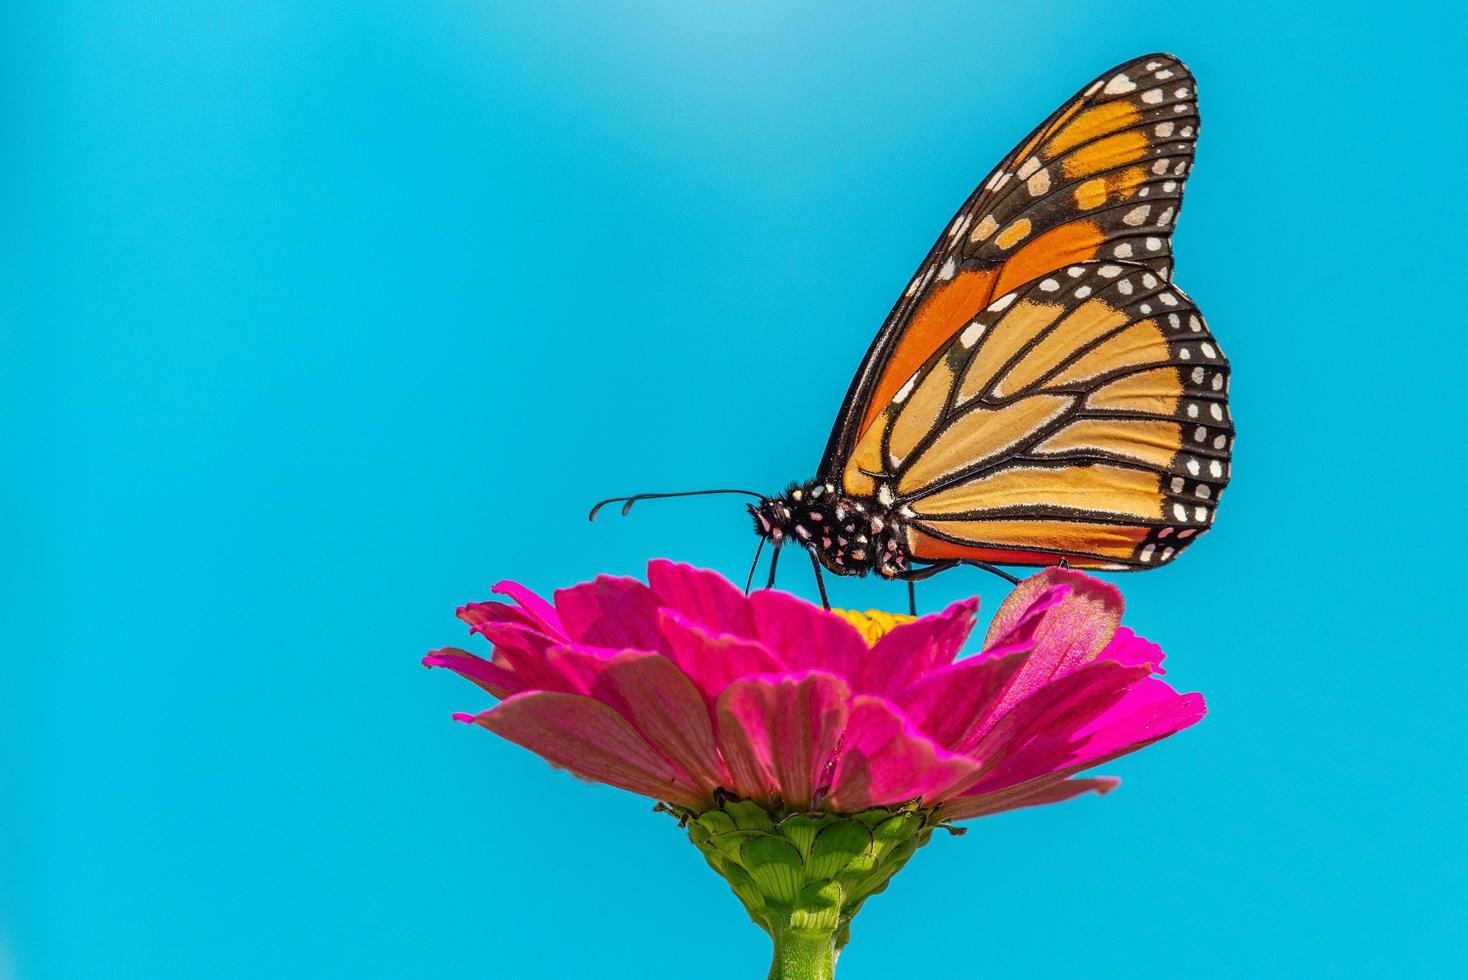 monarchvlinder neergestreken op hete roze zinnia-bloem met blauwe achtergrond foto